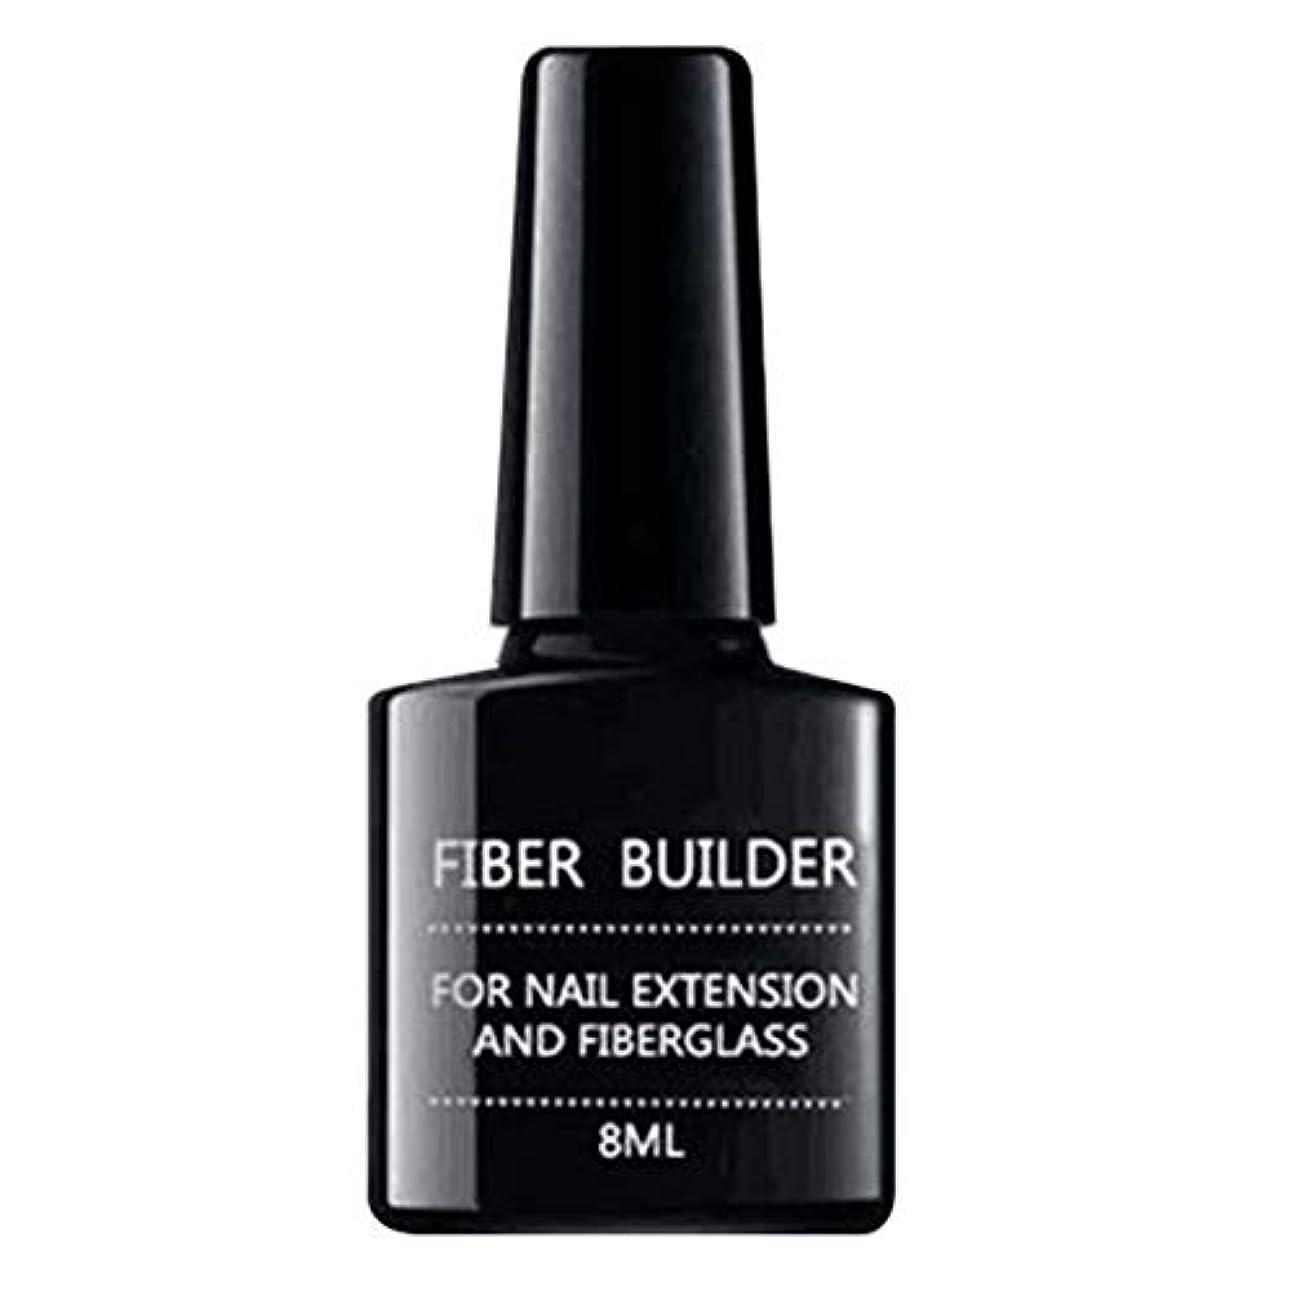 付録かご高齢者Fiberglass Nail Extension Set, Strong Adhesion Acrylic Tips Home Salon Manicure Tool, Quick Extension Fiberglass...